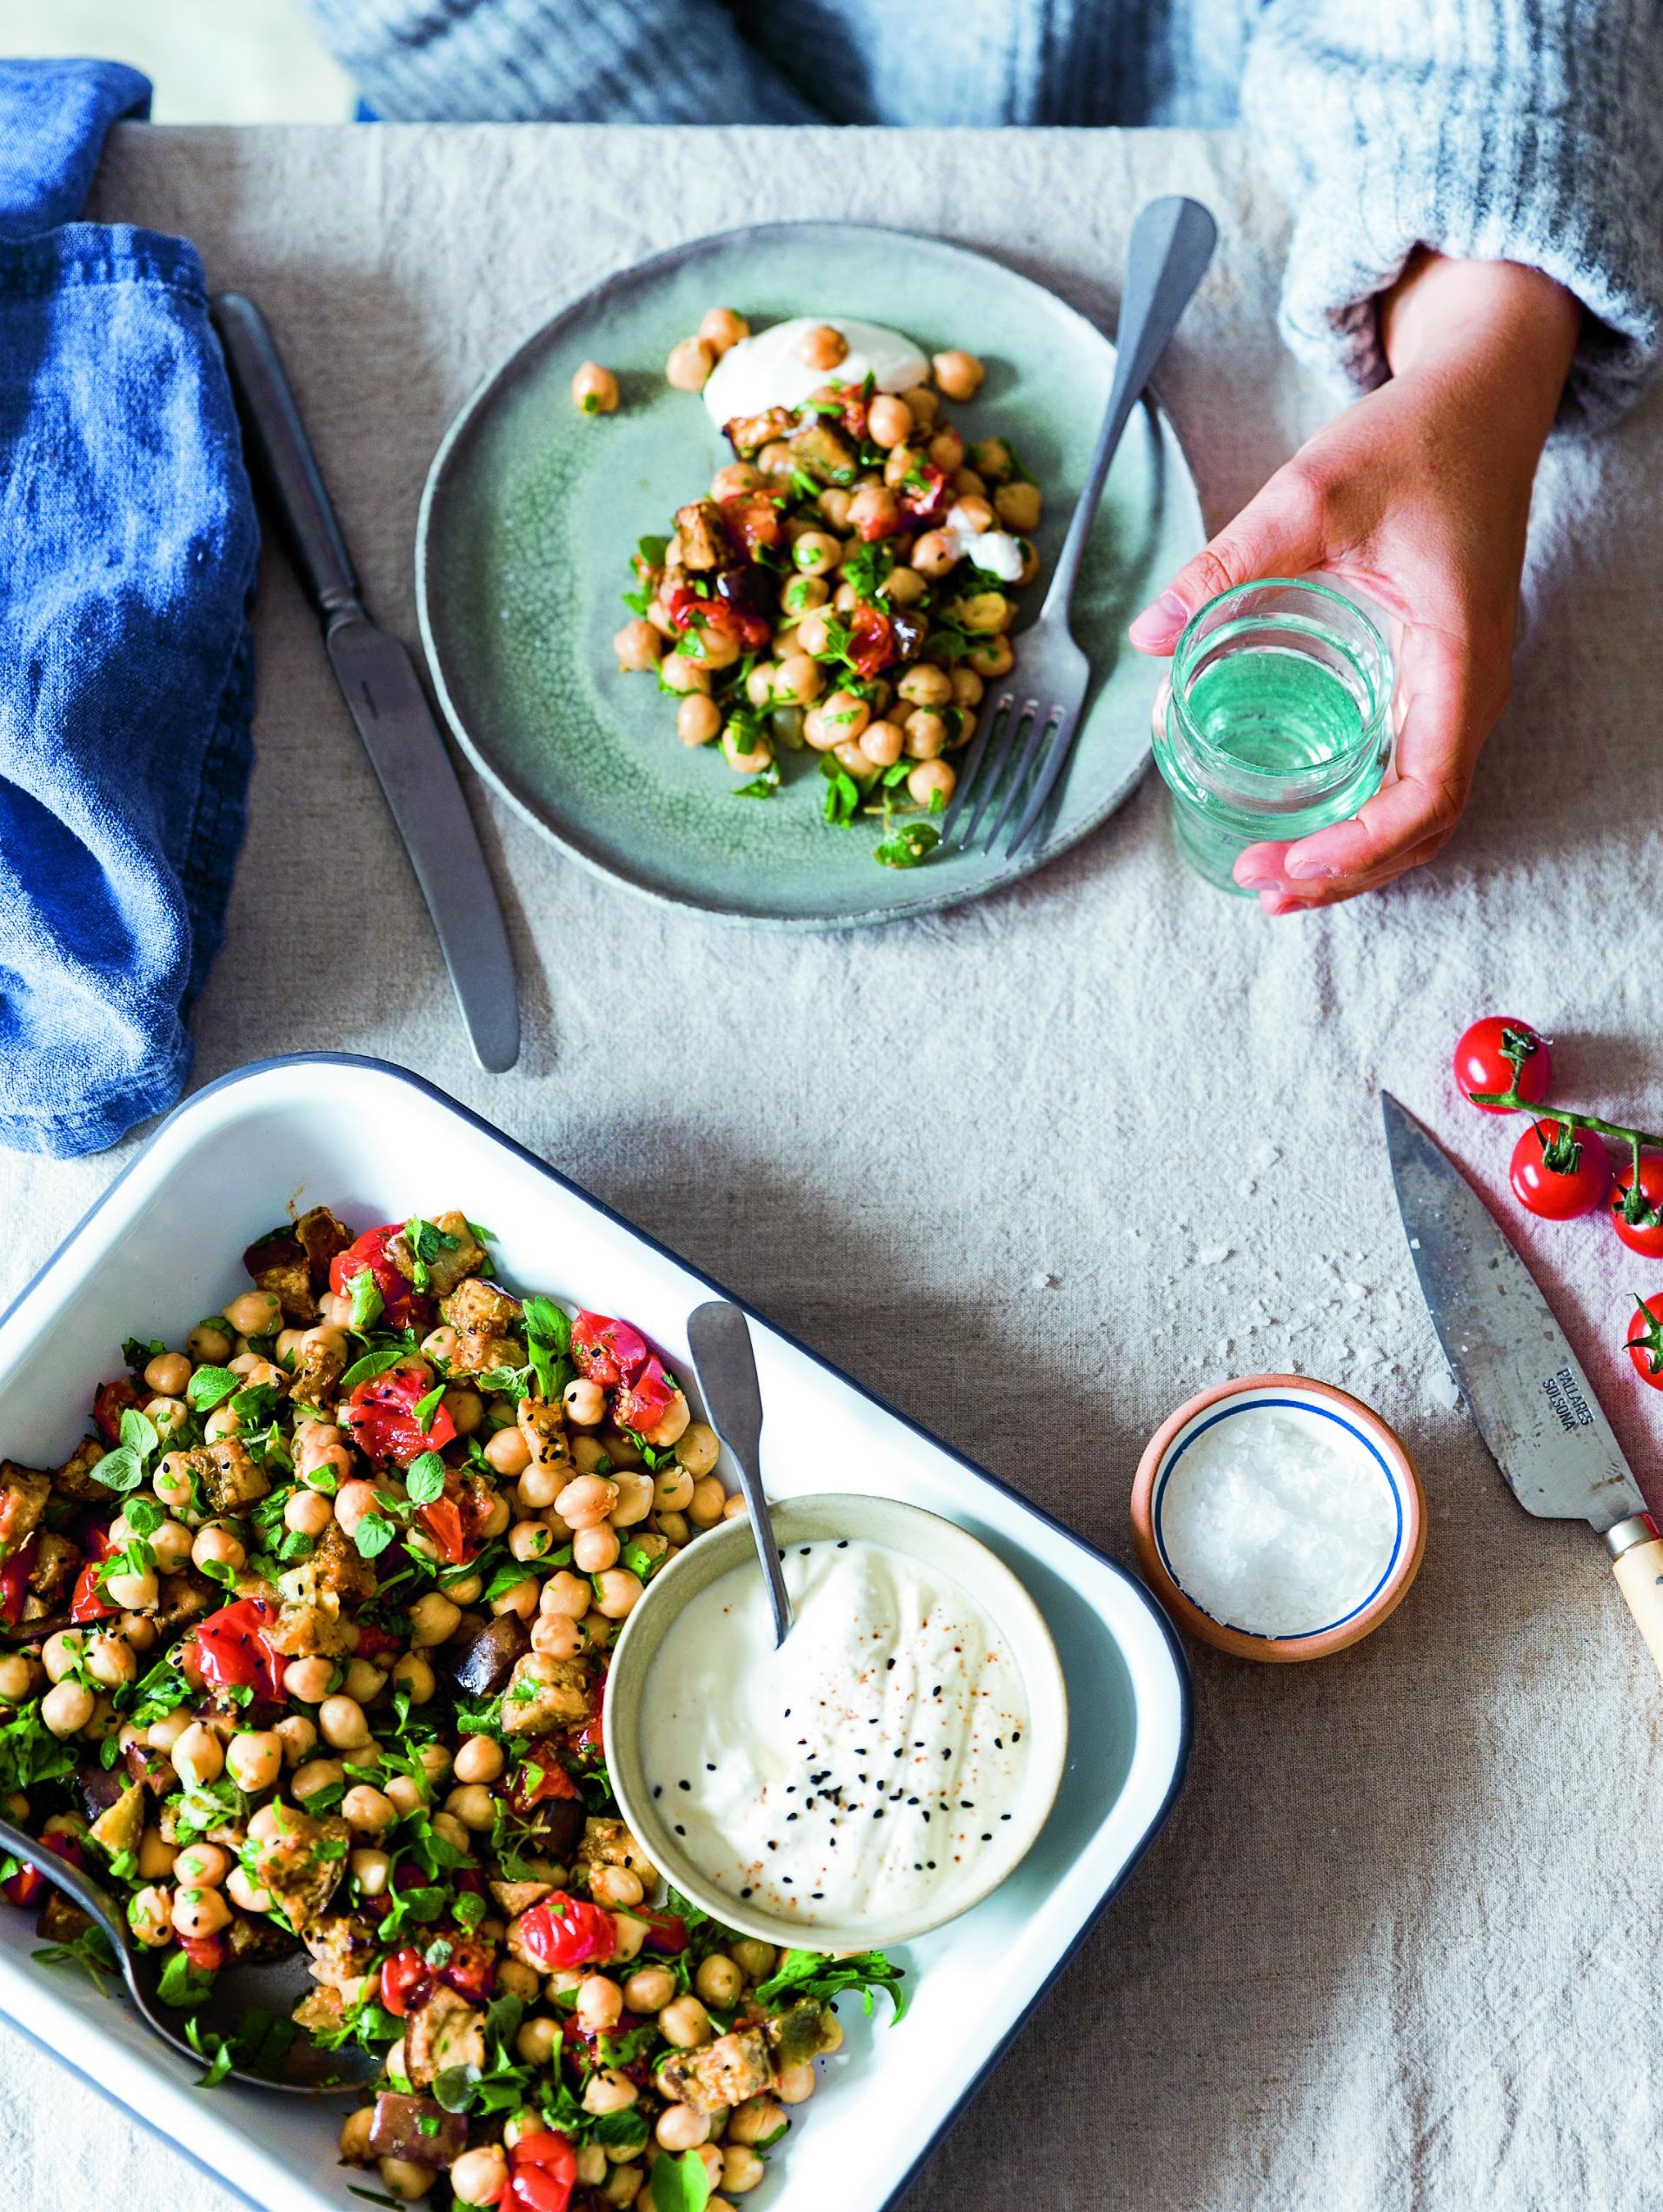 SALATSNEDKER bog - kikærtesalat, fetadressing, opskrift